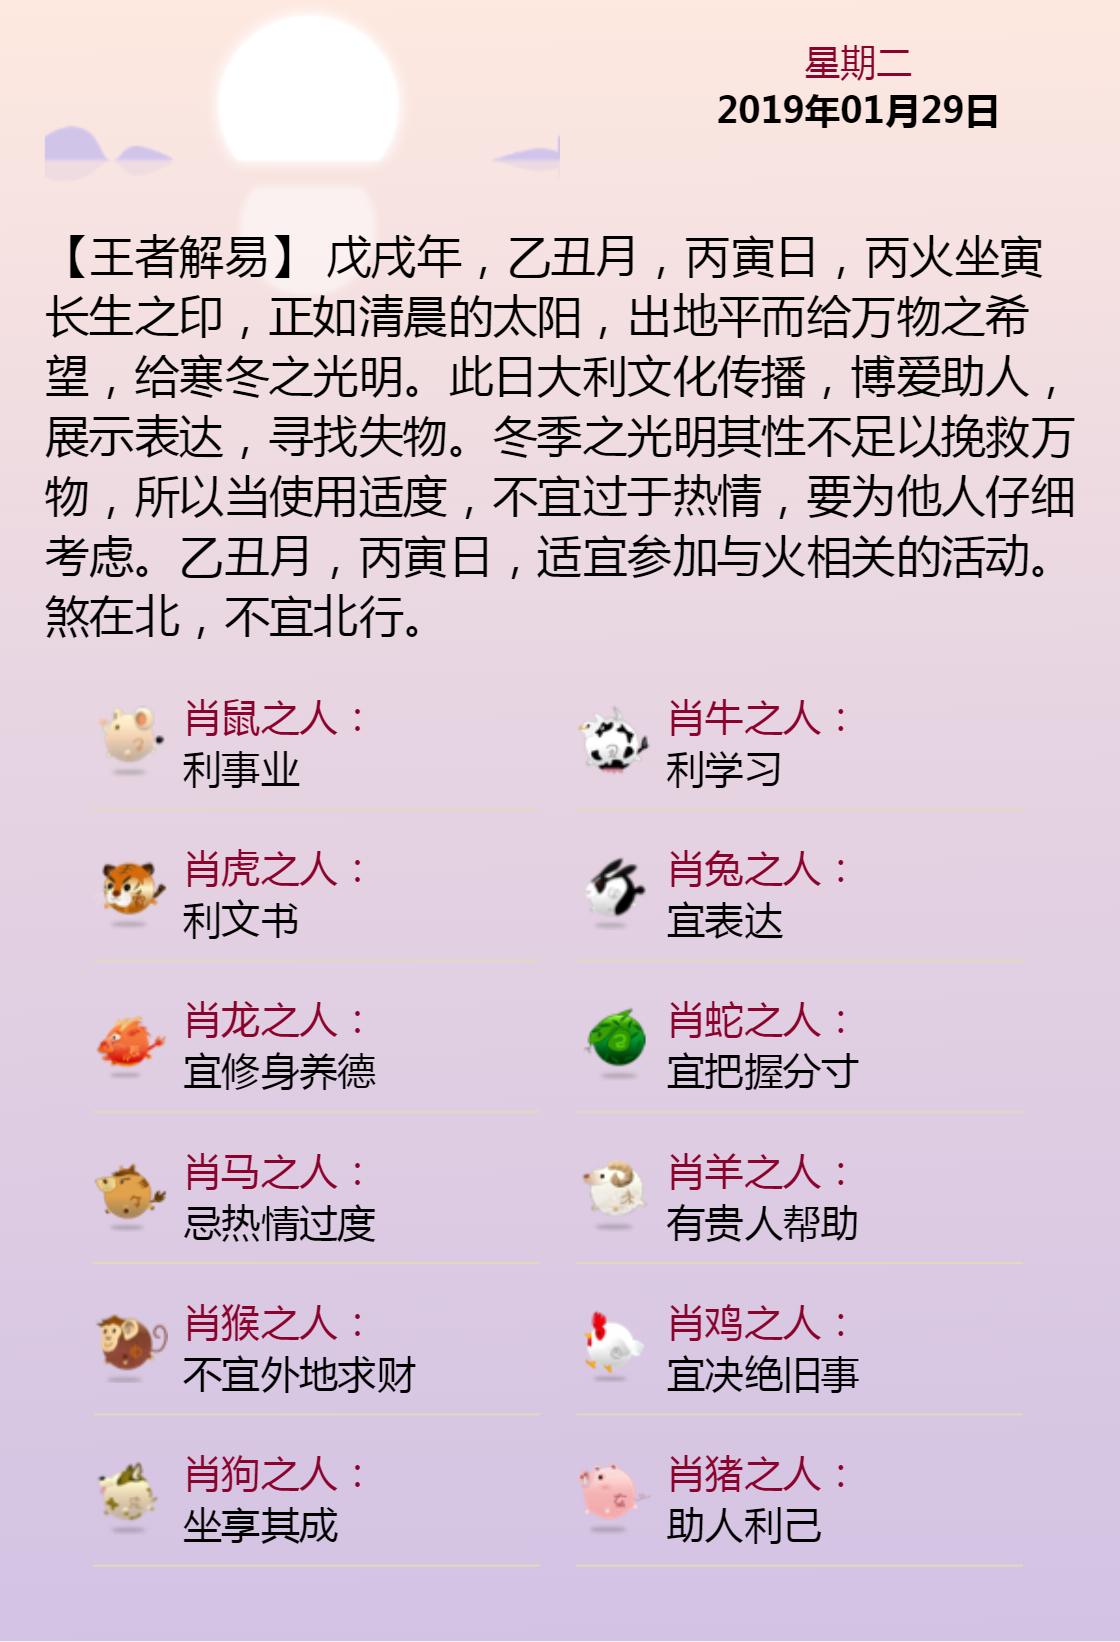 黄历海报20190129.png